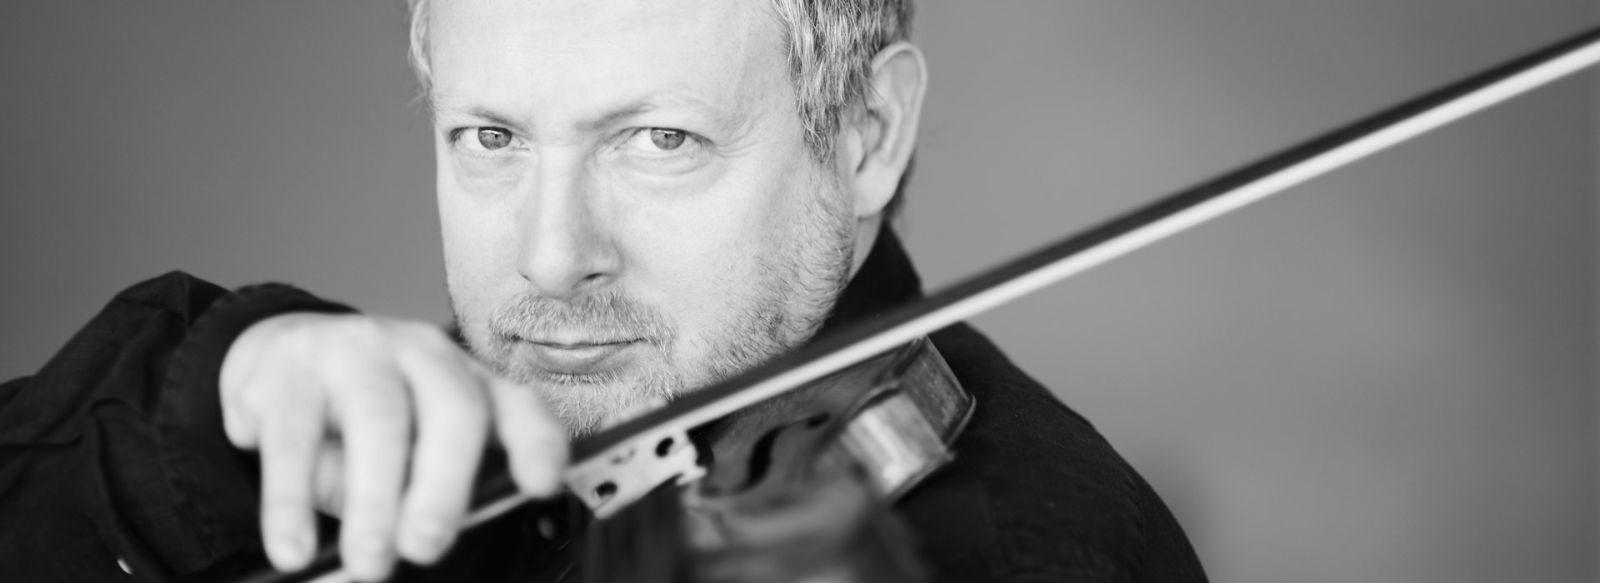 Fabio Biondi e l'Orchestra Sinfonica della Rai in concerto per Alassio